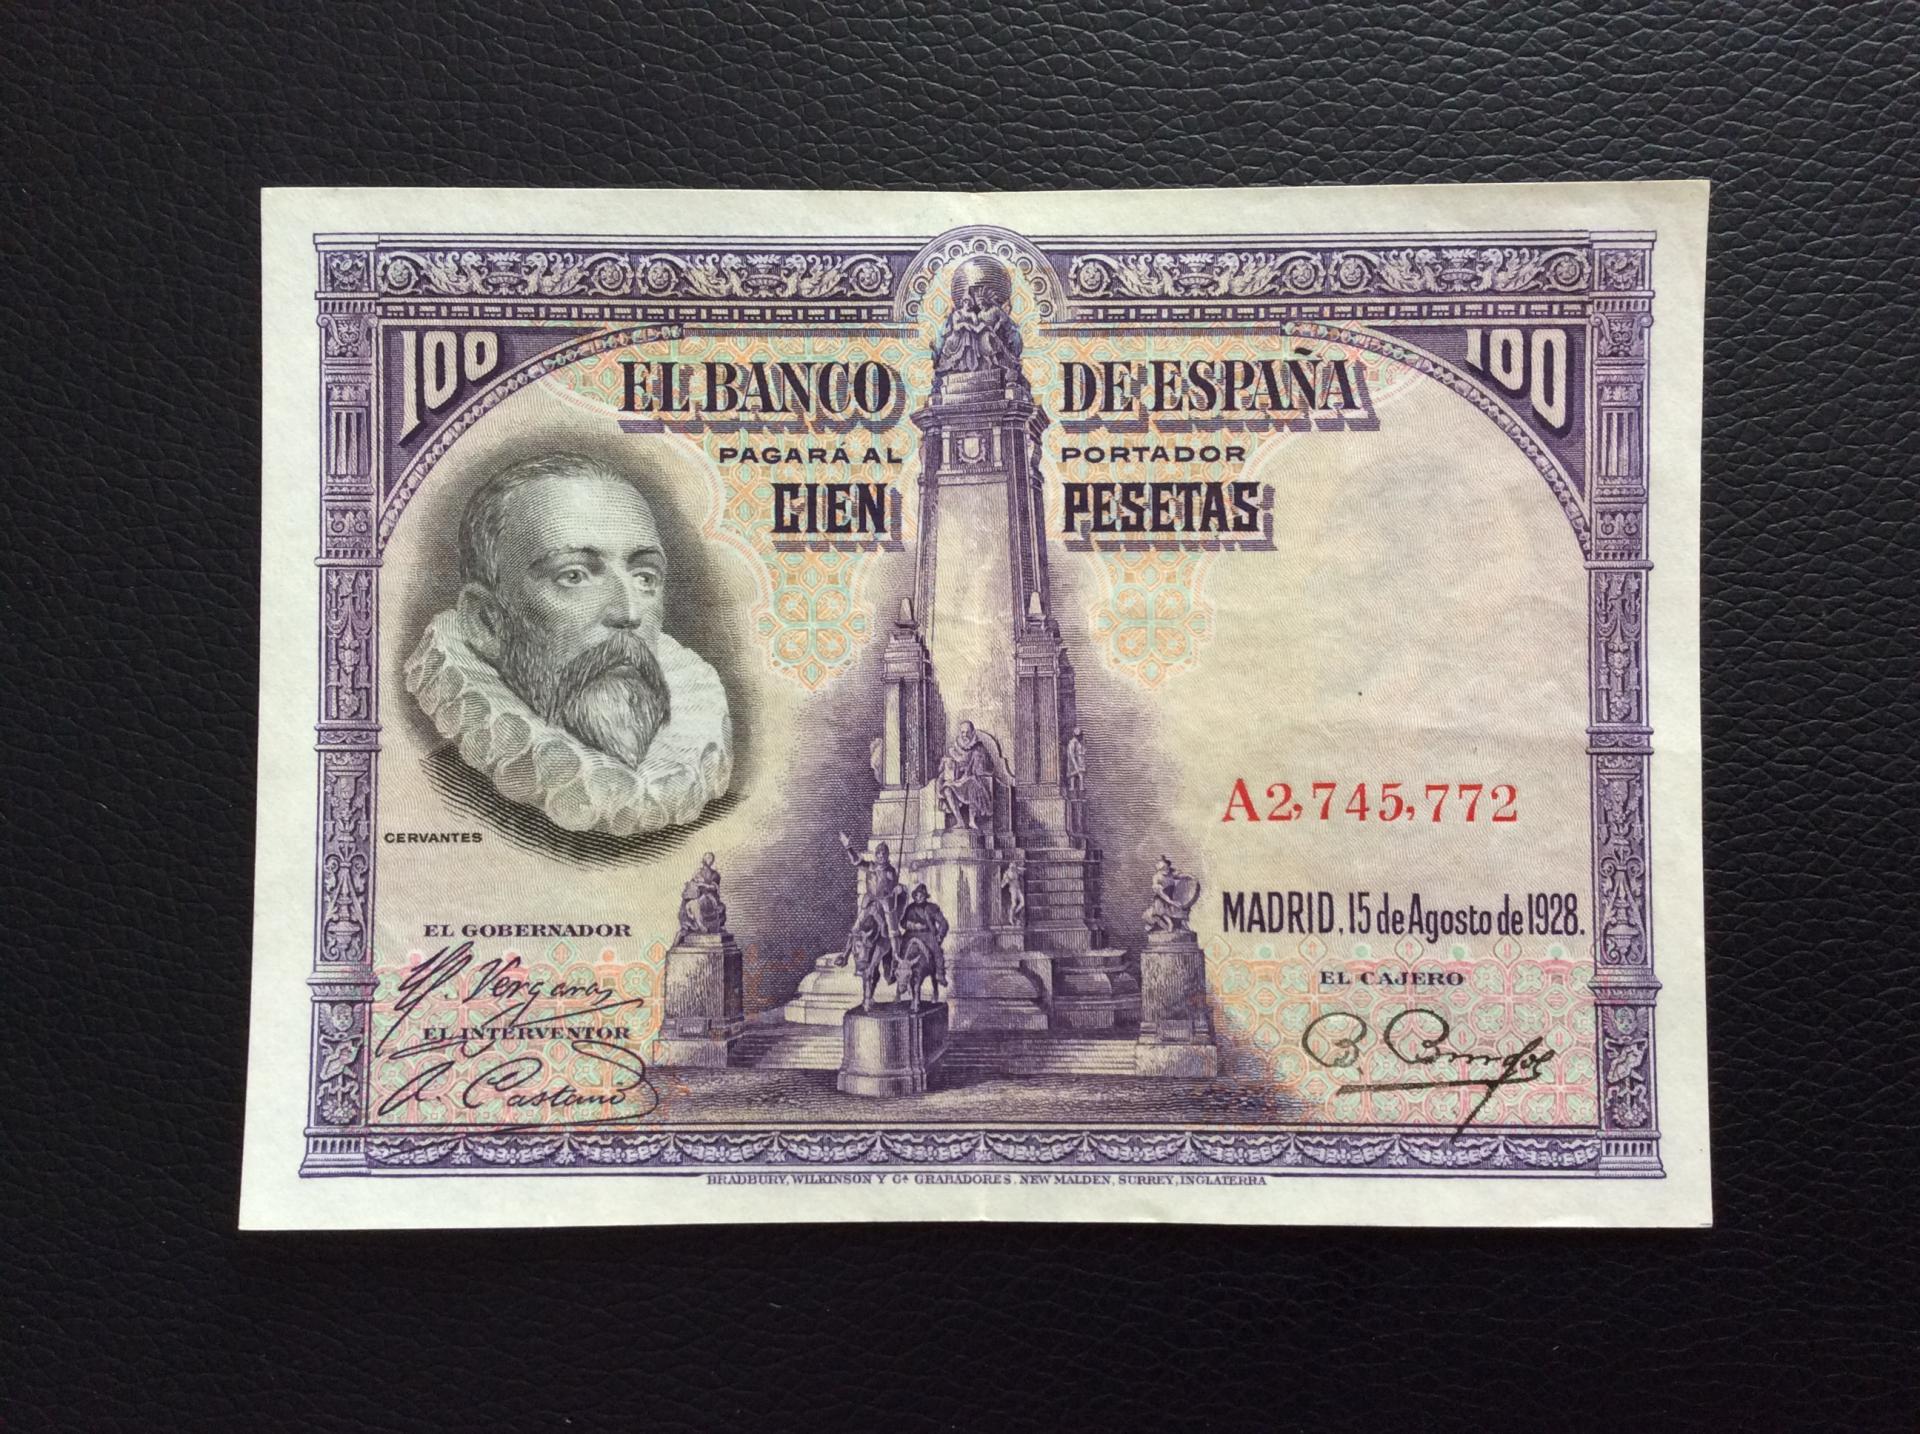 100 PESETAS 1928 - CERVANTES